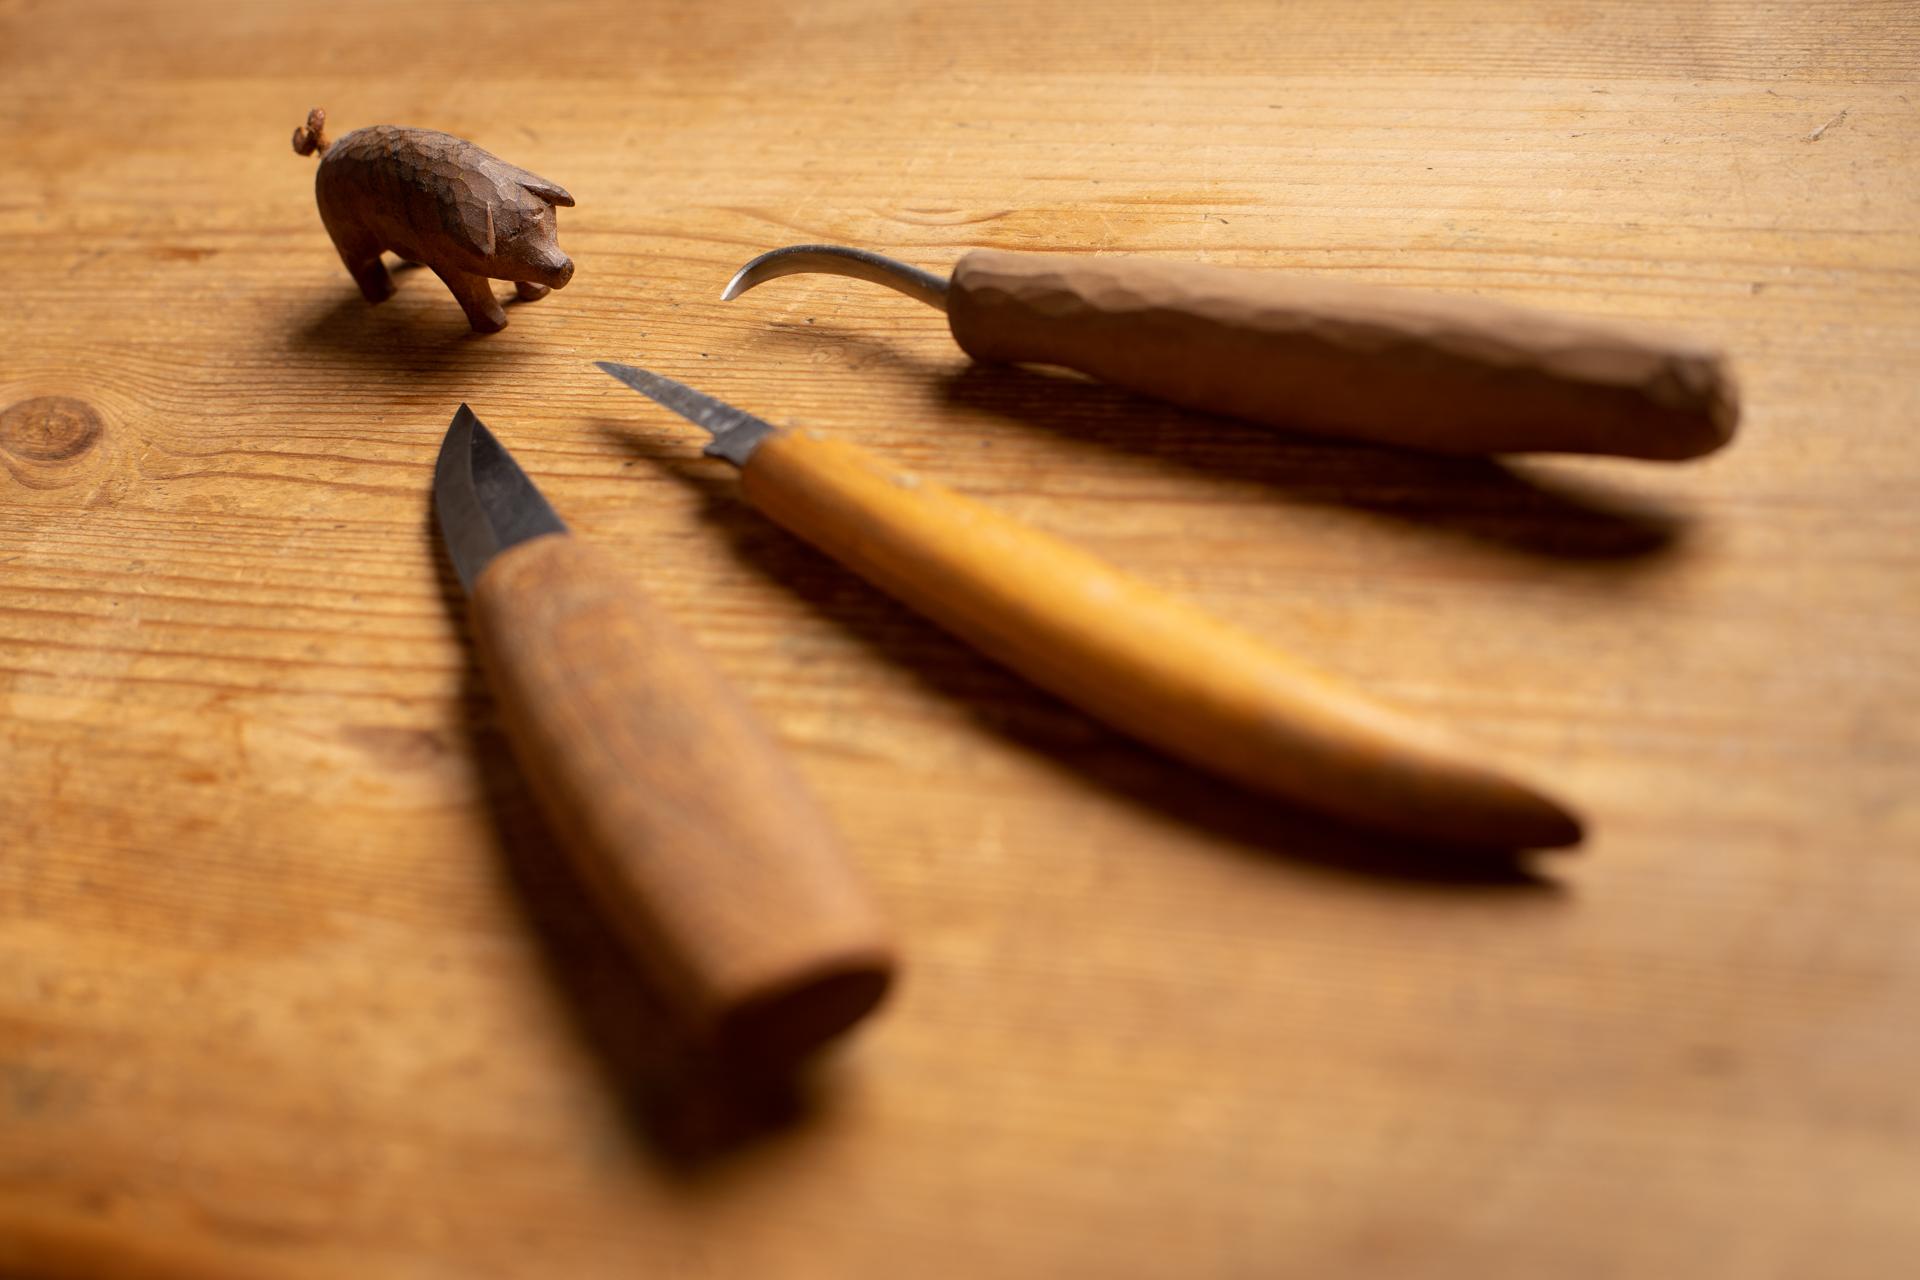 Schnitzmesser und geschnitztes Schweinchen